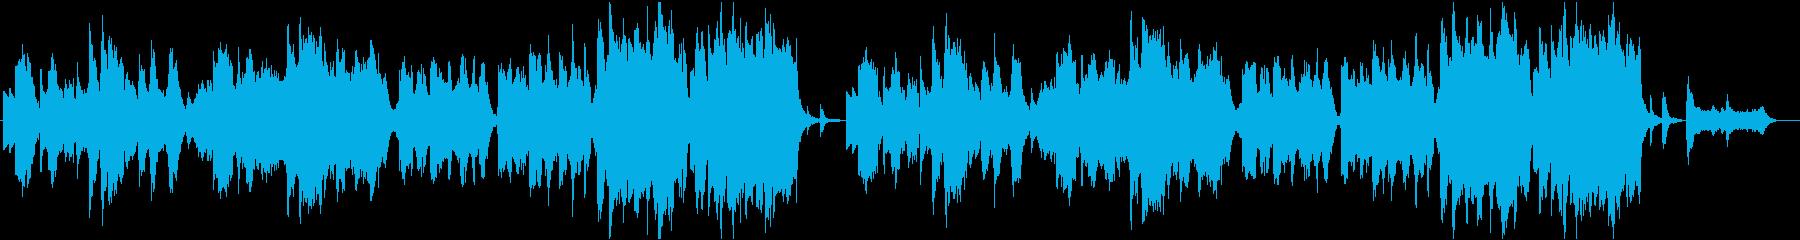 ゆったりした和風の優しい曲の再生済みの波形